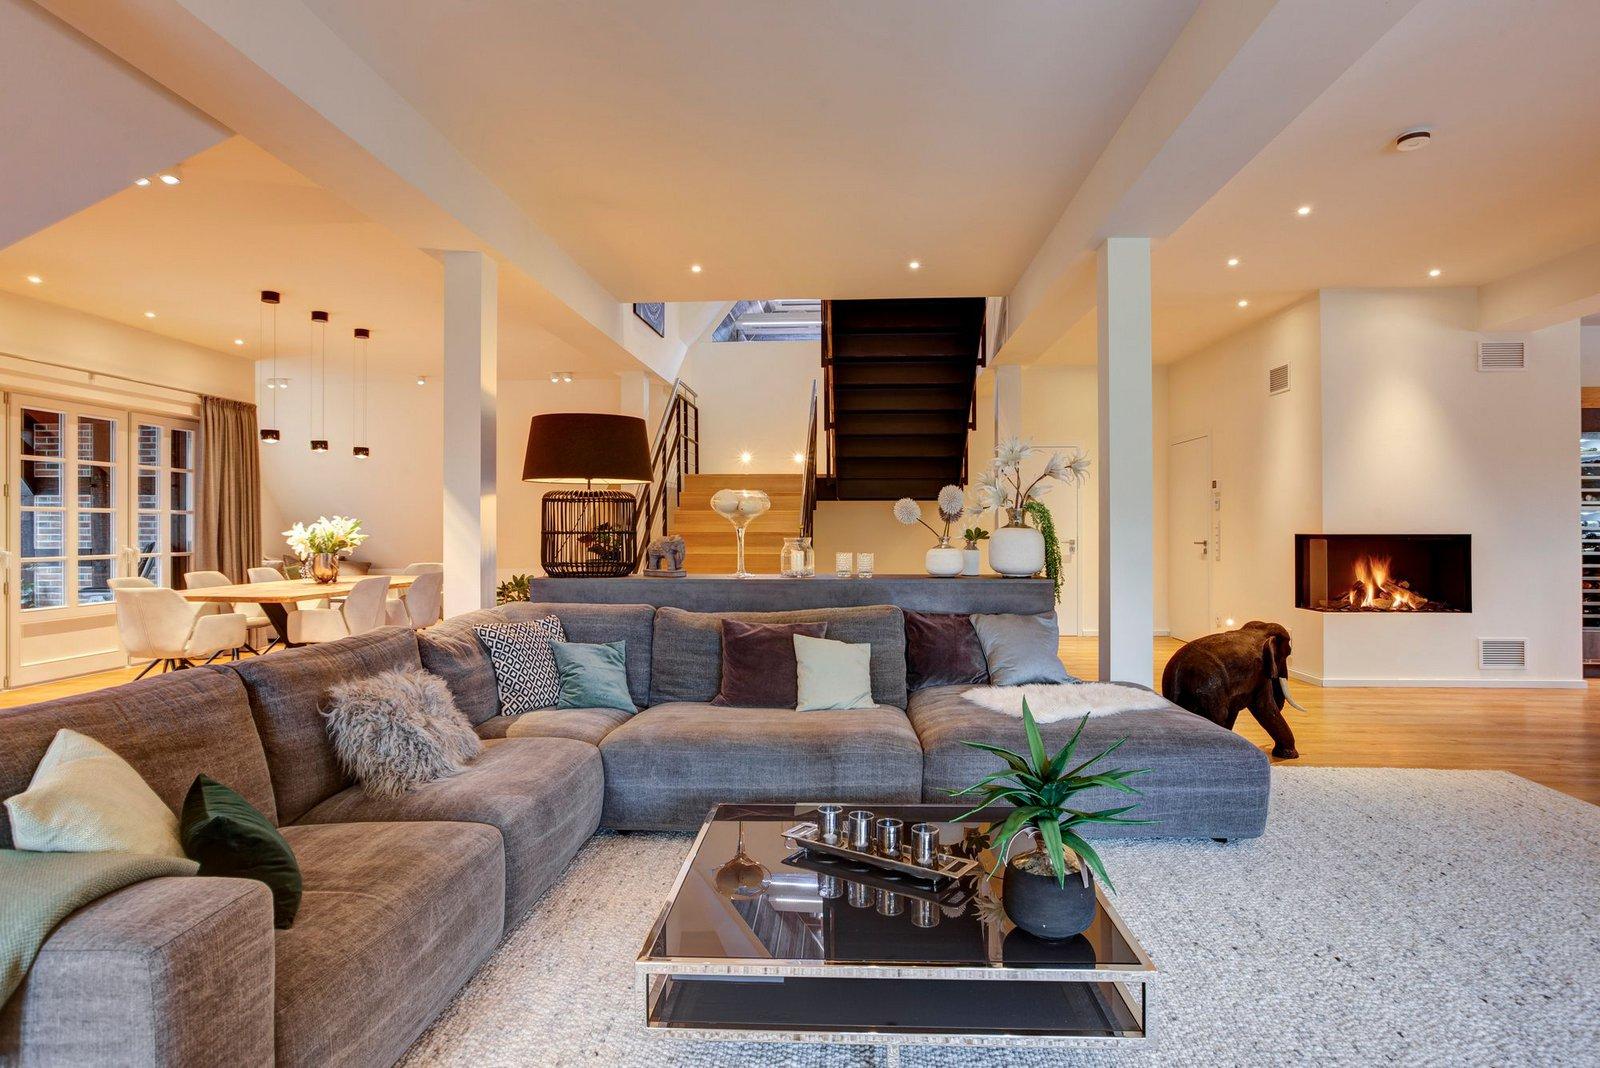 Ausbau Dachgeschosswohnung in Fachwerkhaus - EMBERT Innenarchitektur